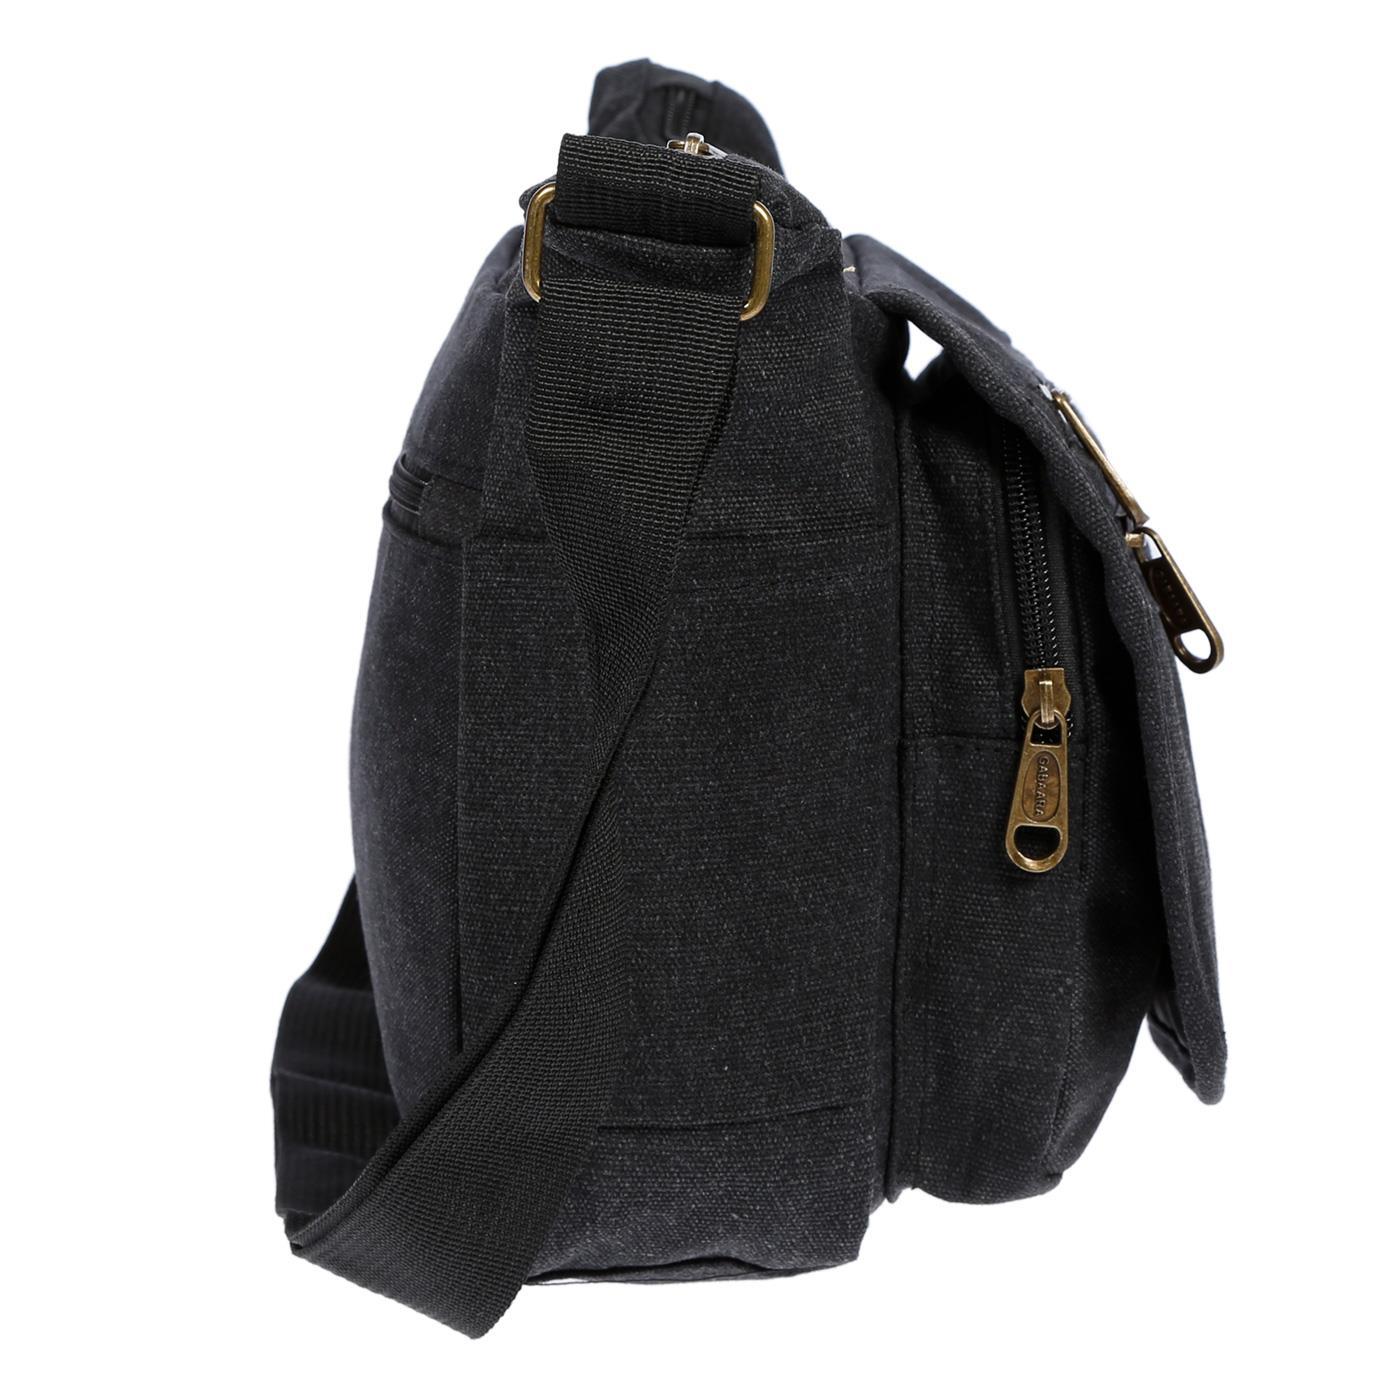 Damen-Tasche-Canvas-Umhaengetasche-Schultertasche-Crossover-Bag-Damenhandtasche Indexbild 15